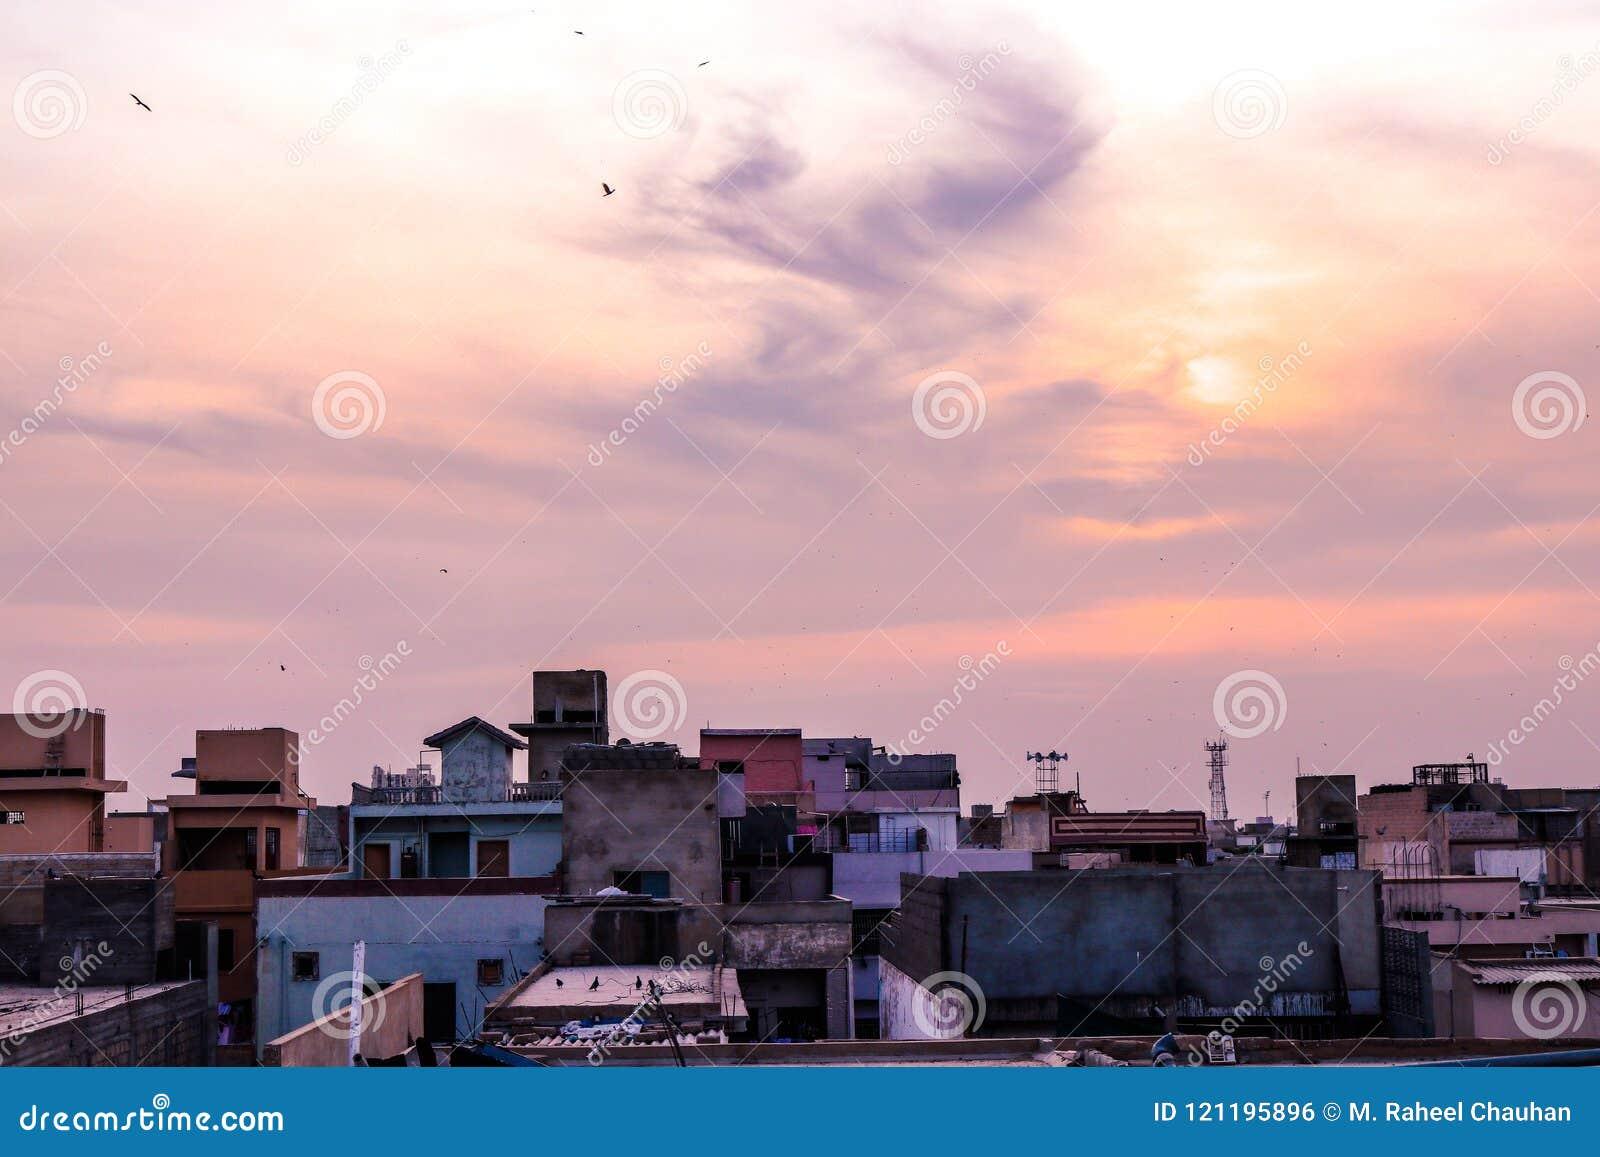 Karachi City stock photo  Image of basilica, france - 121195896